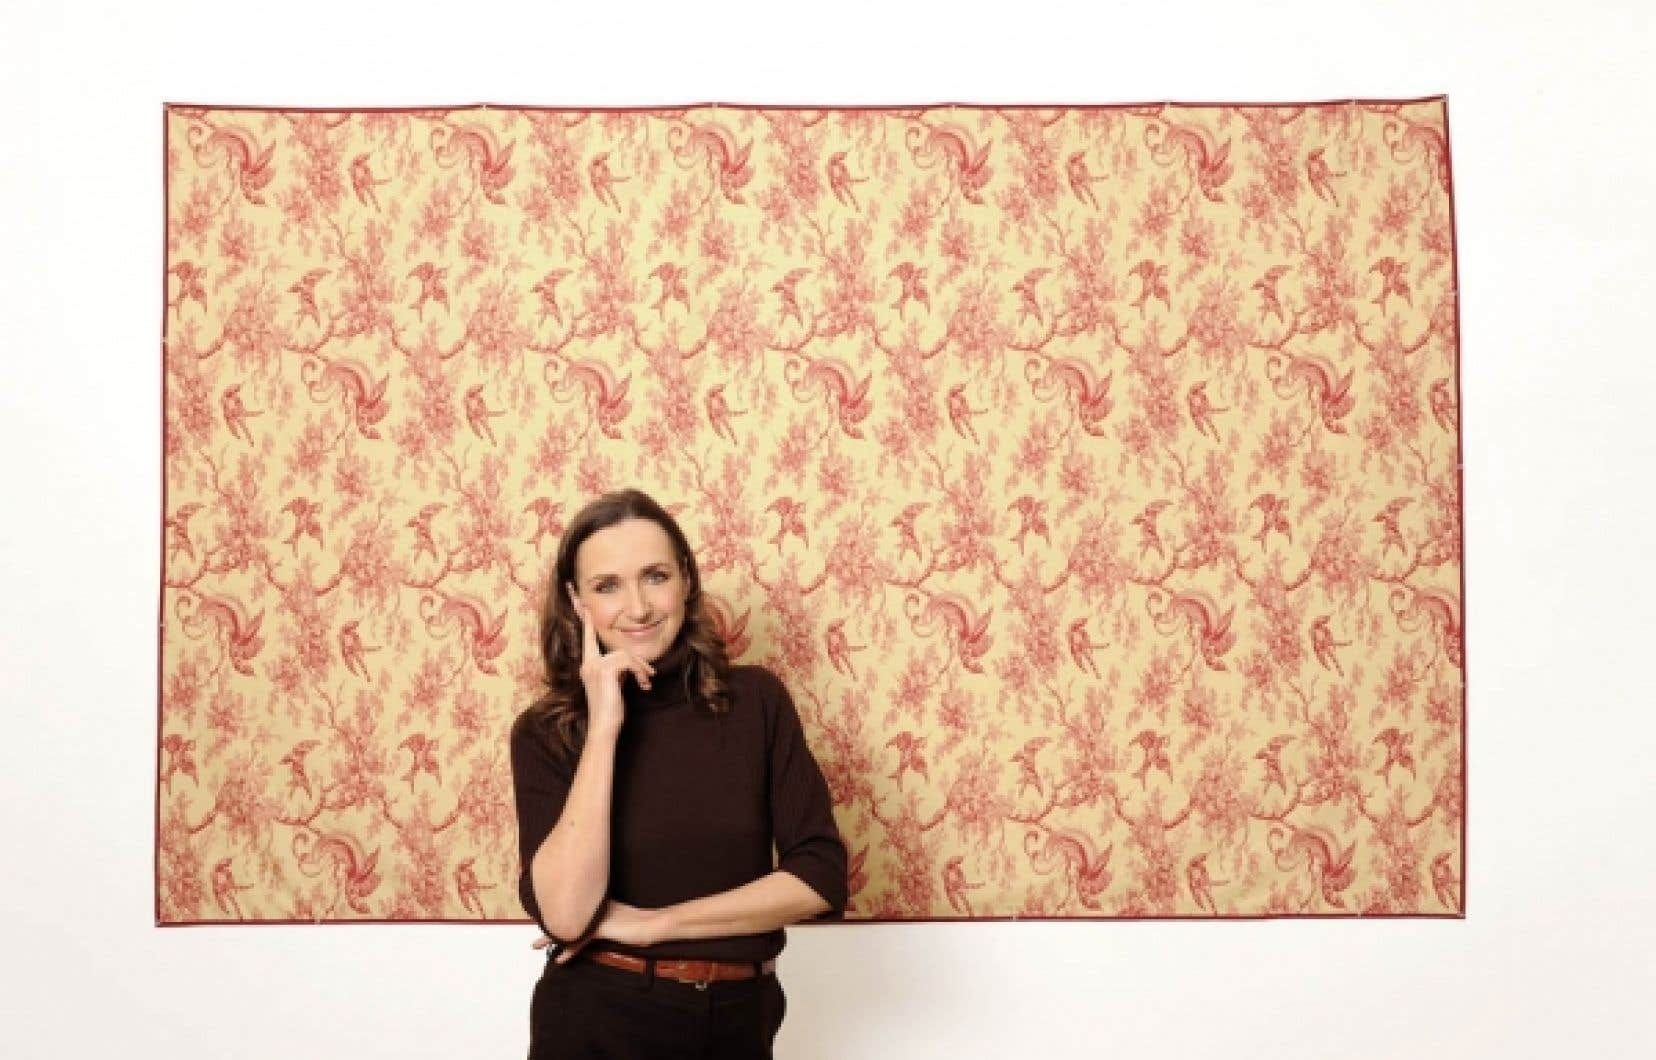 Cela fait dix ans que Geneviève Soly, directrice musicale des Idées heureuses, s'adonne passionnément à la redécouverte de la musique de Christoph Graupner. <br />